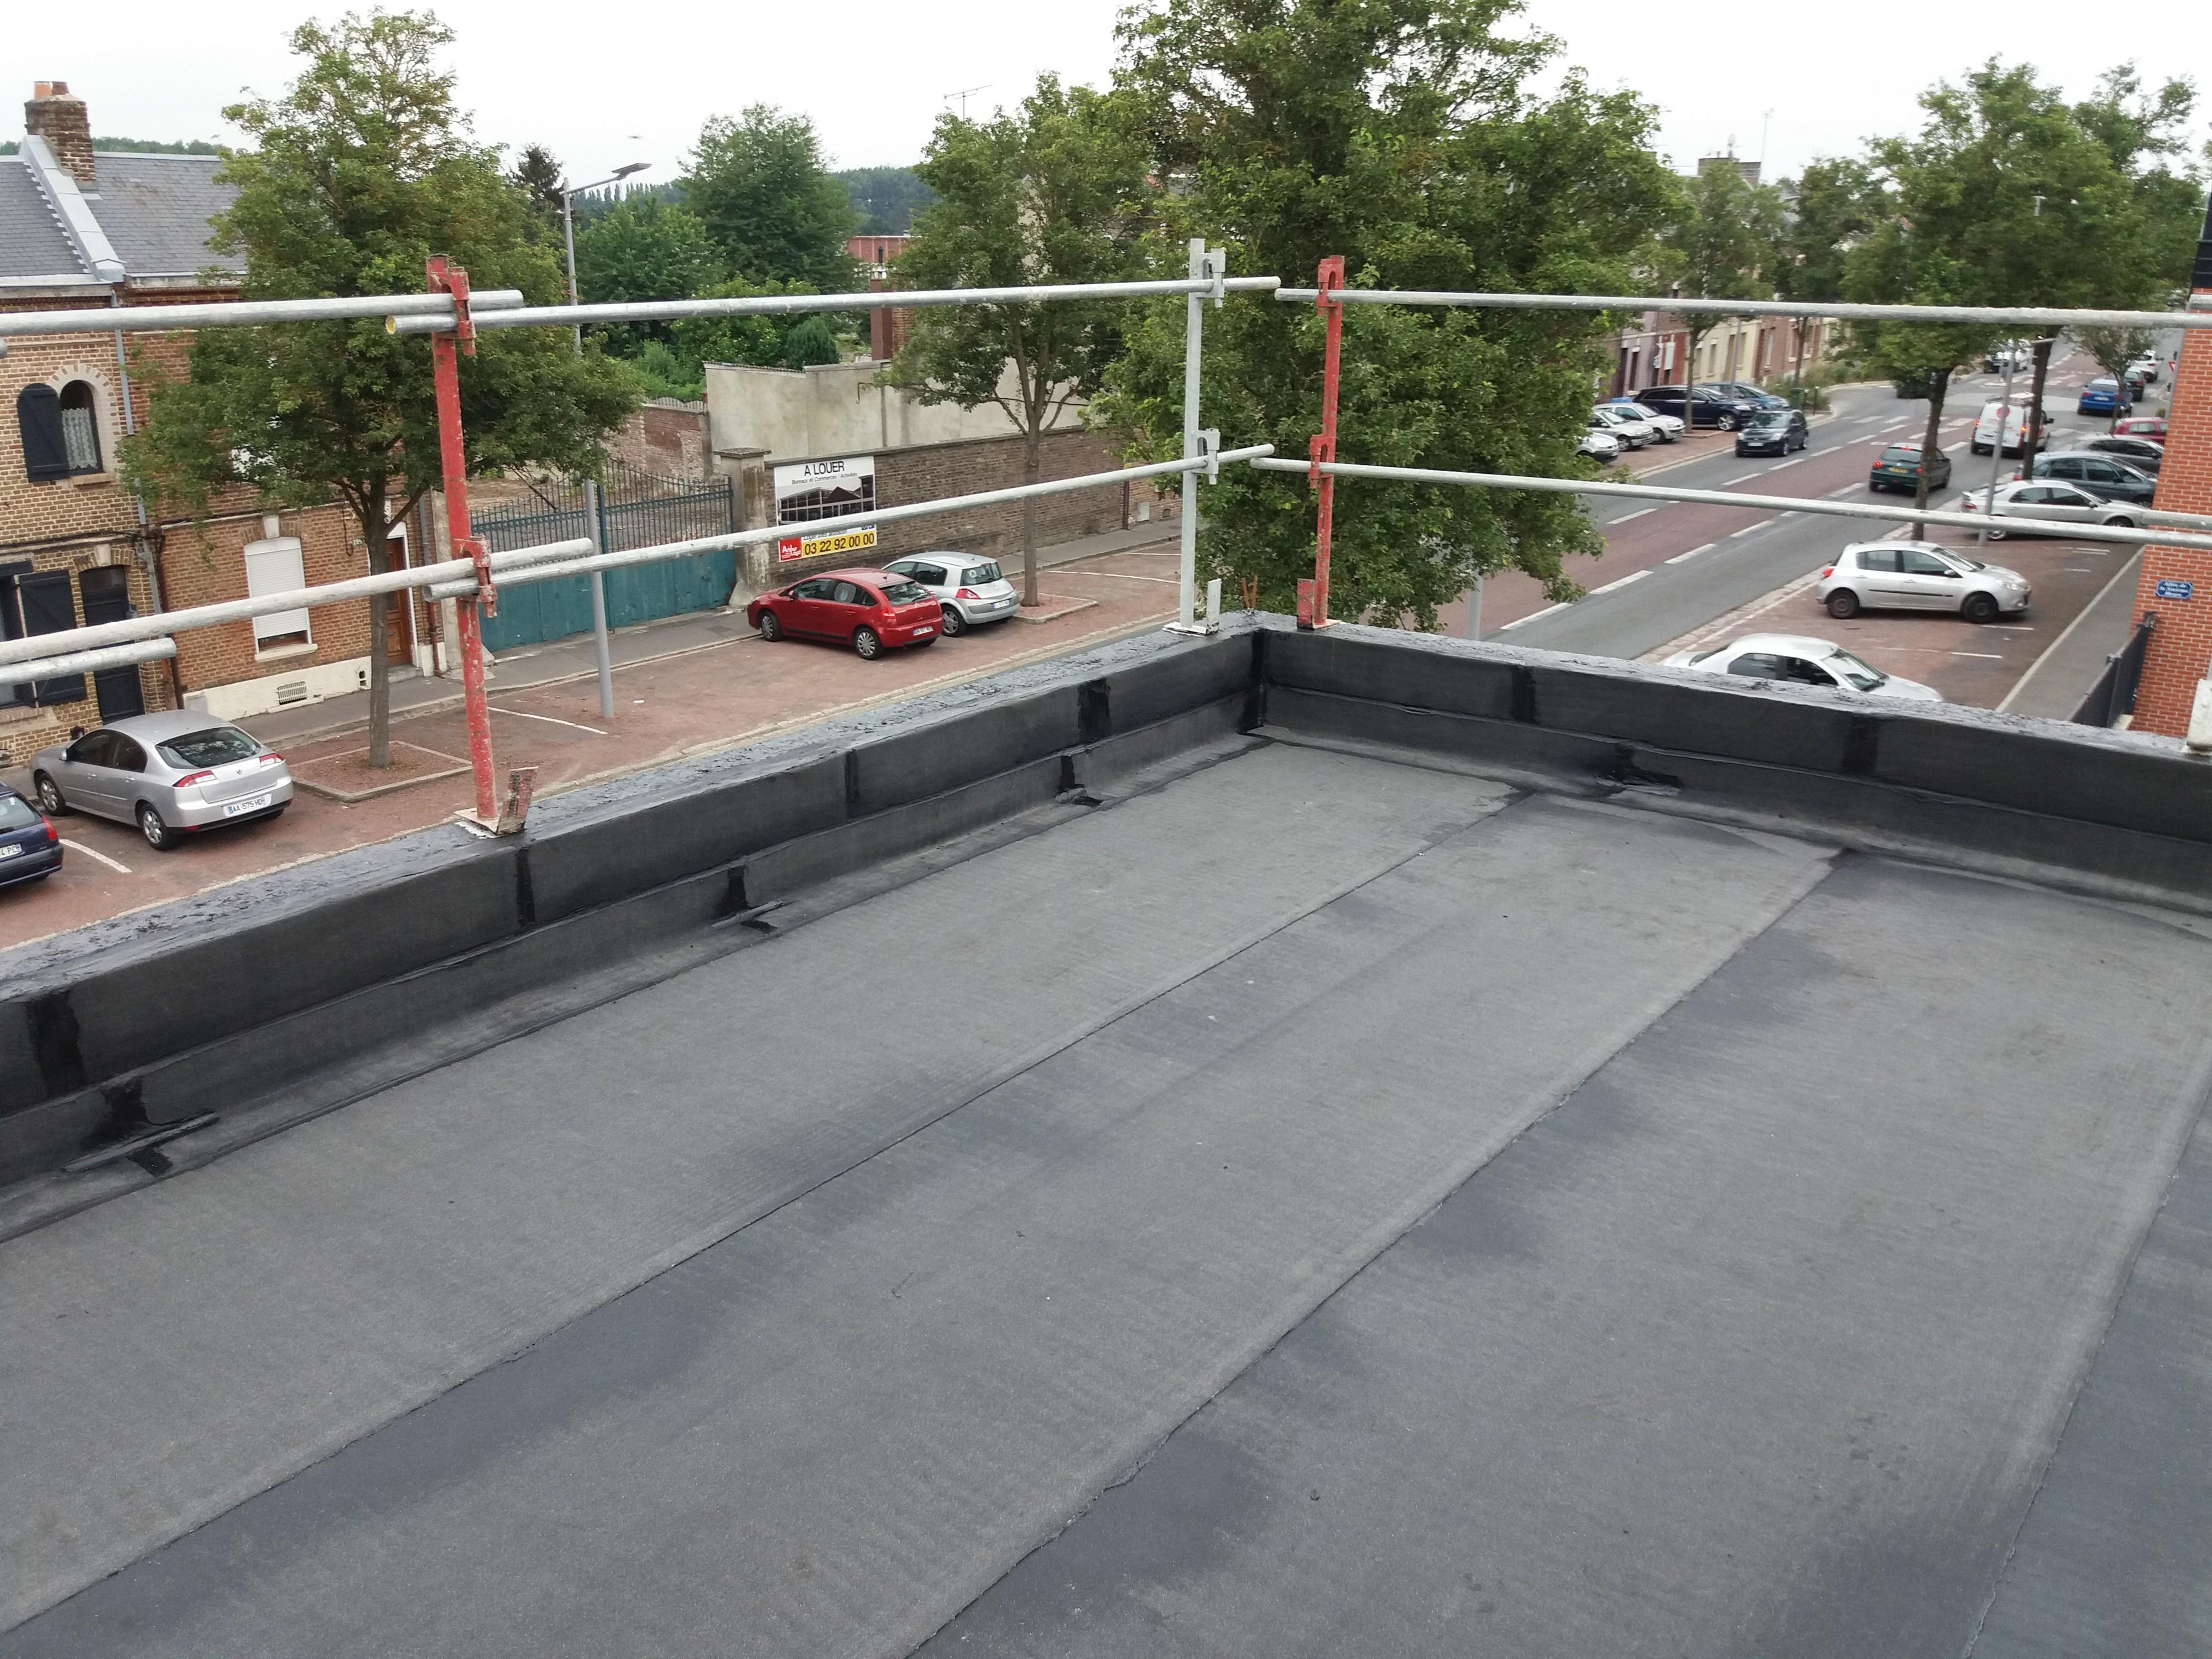 Couverture - Etanchéité - Terrasse